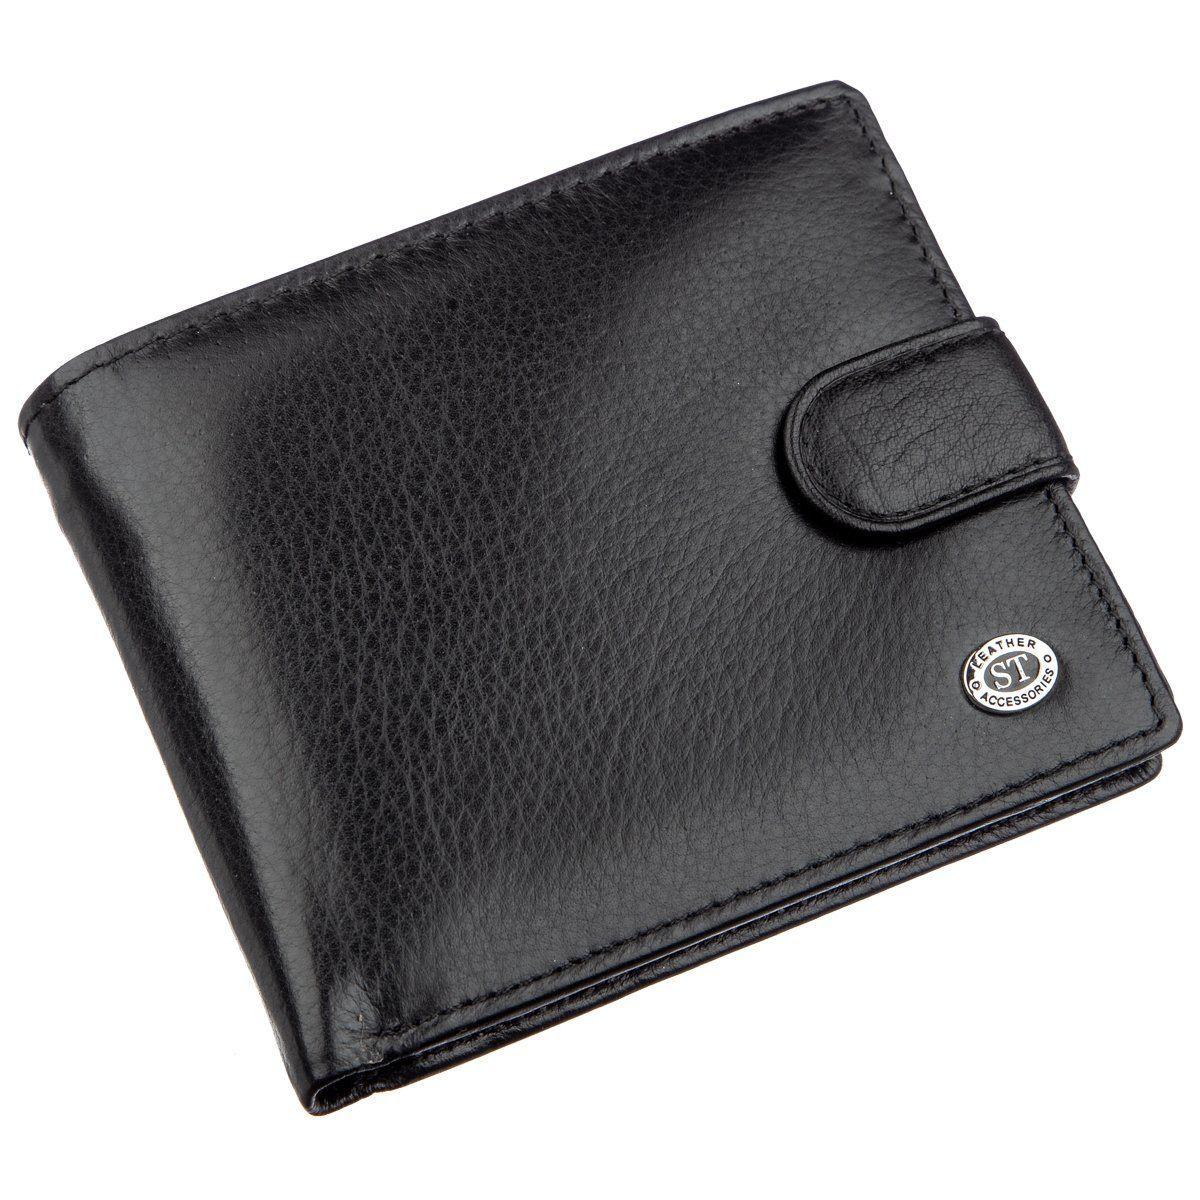 Превосходный мужской бумажник ST Leather 18834 Черный, Черный